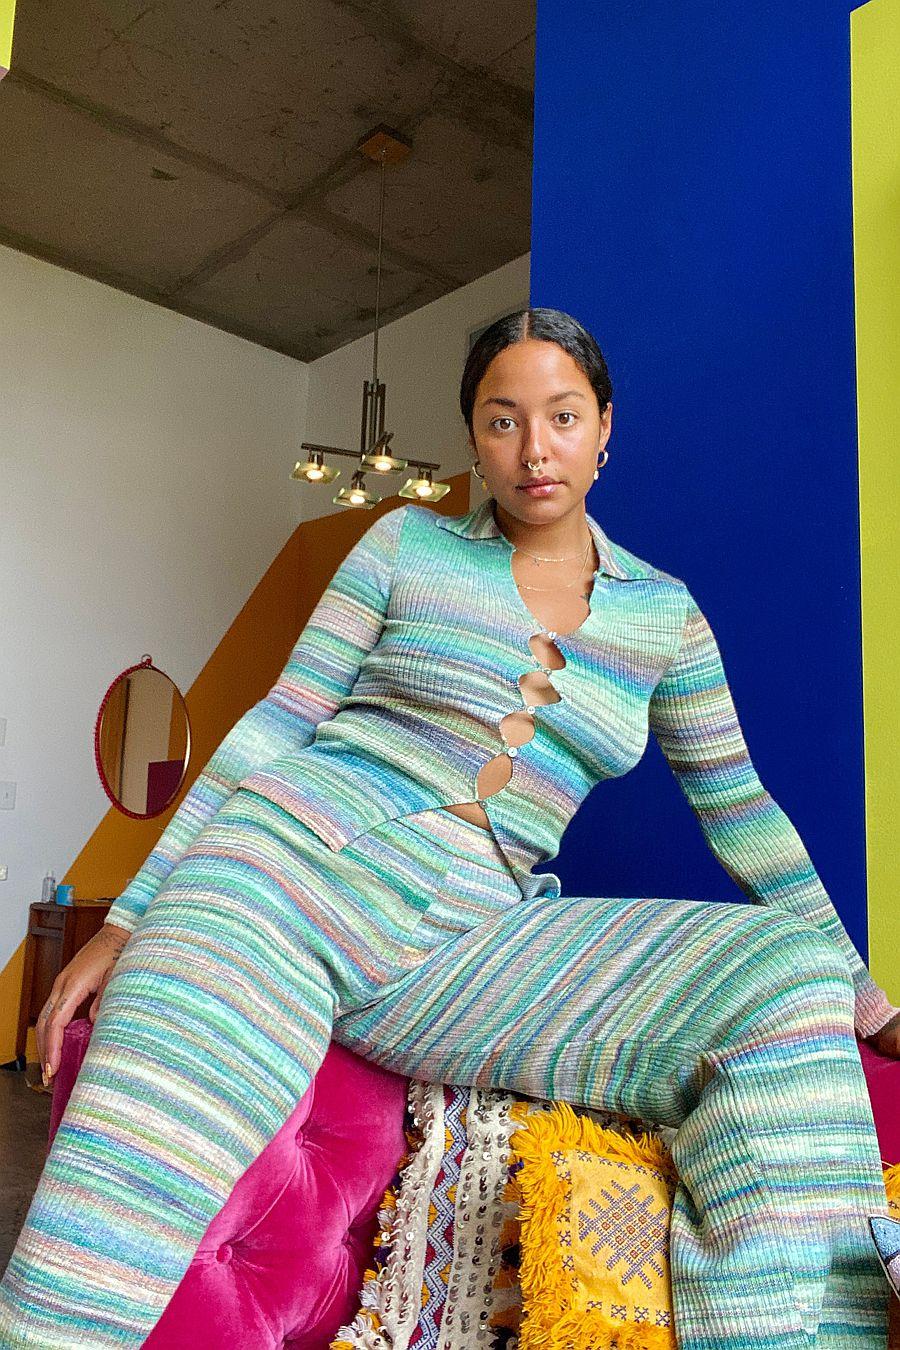 Paloma Wool Avelina Shirt - Kiwi Green